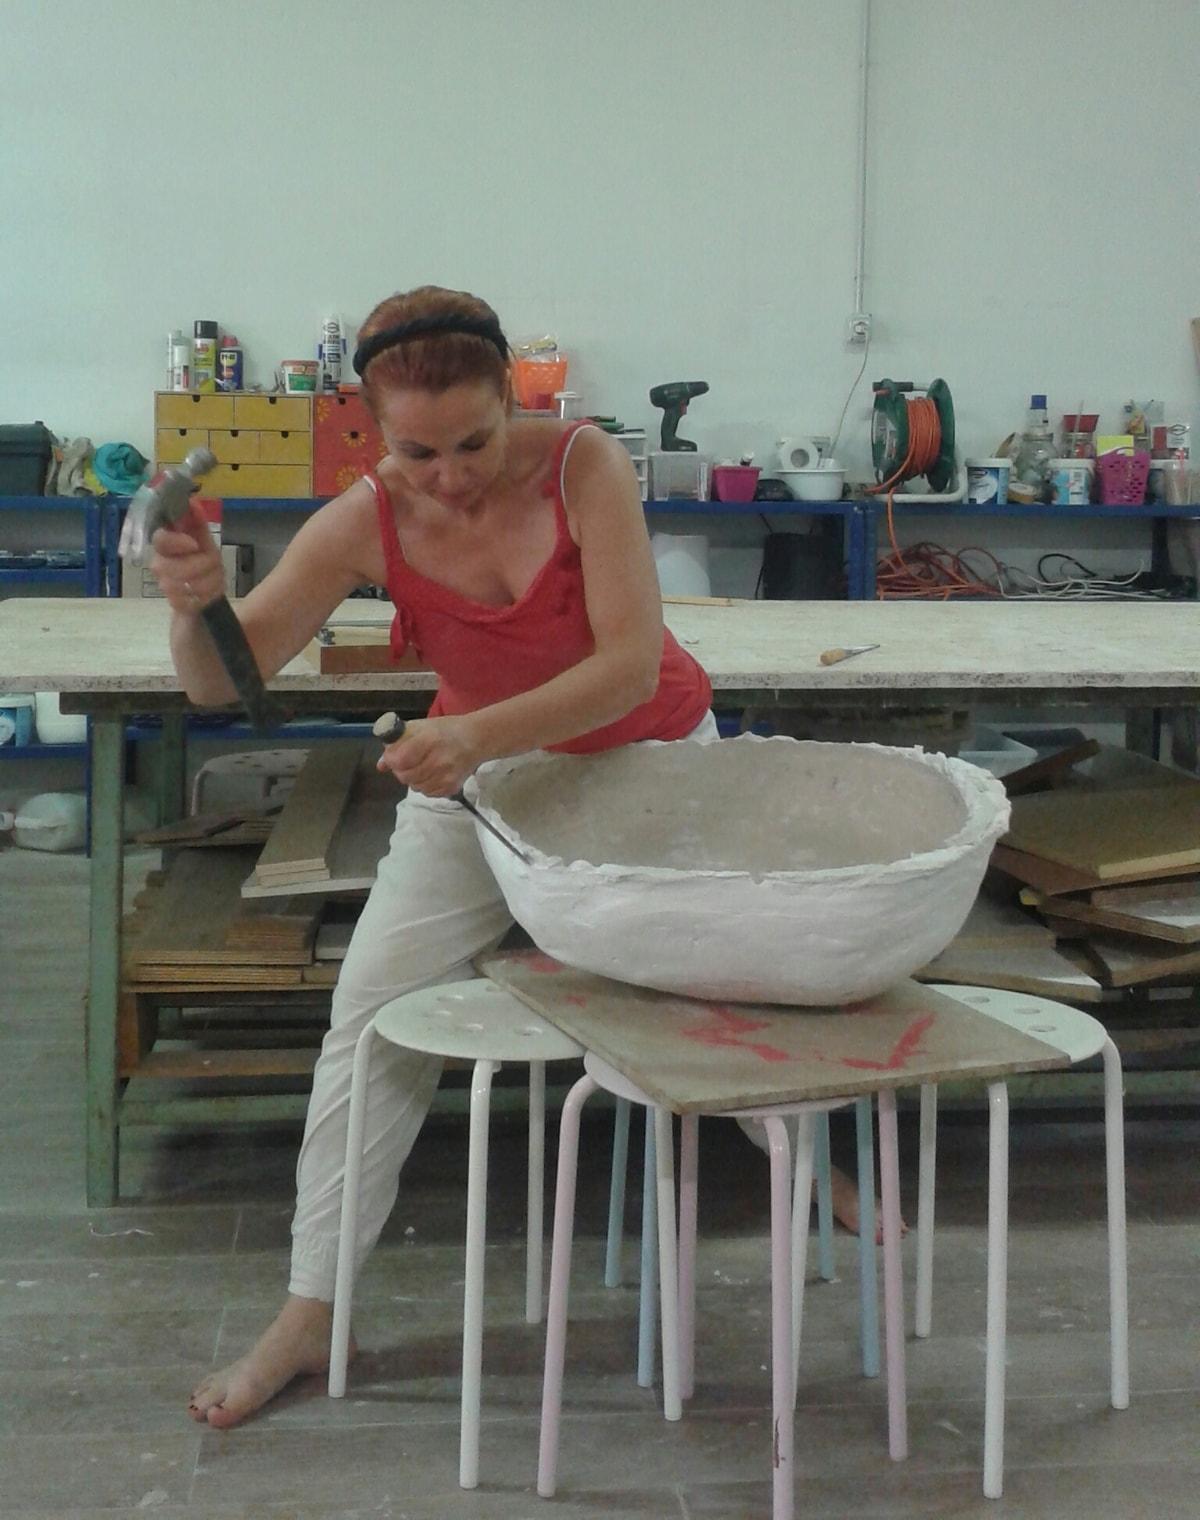 Lavorazione di una ciotola in ceramica realizzata a mano